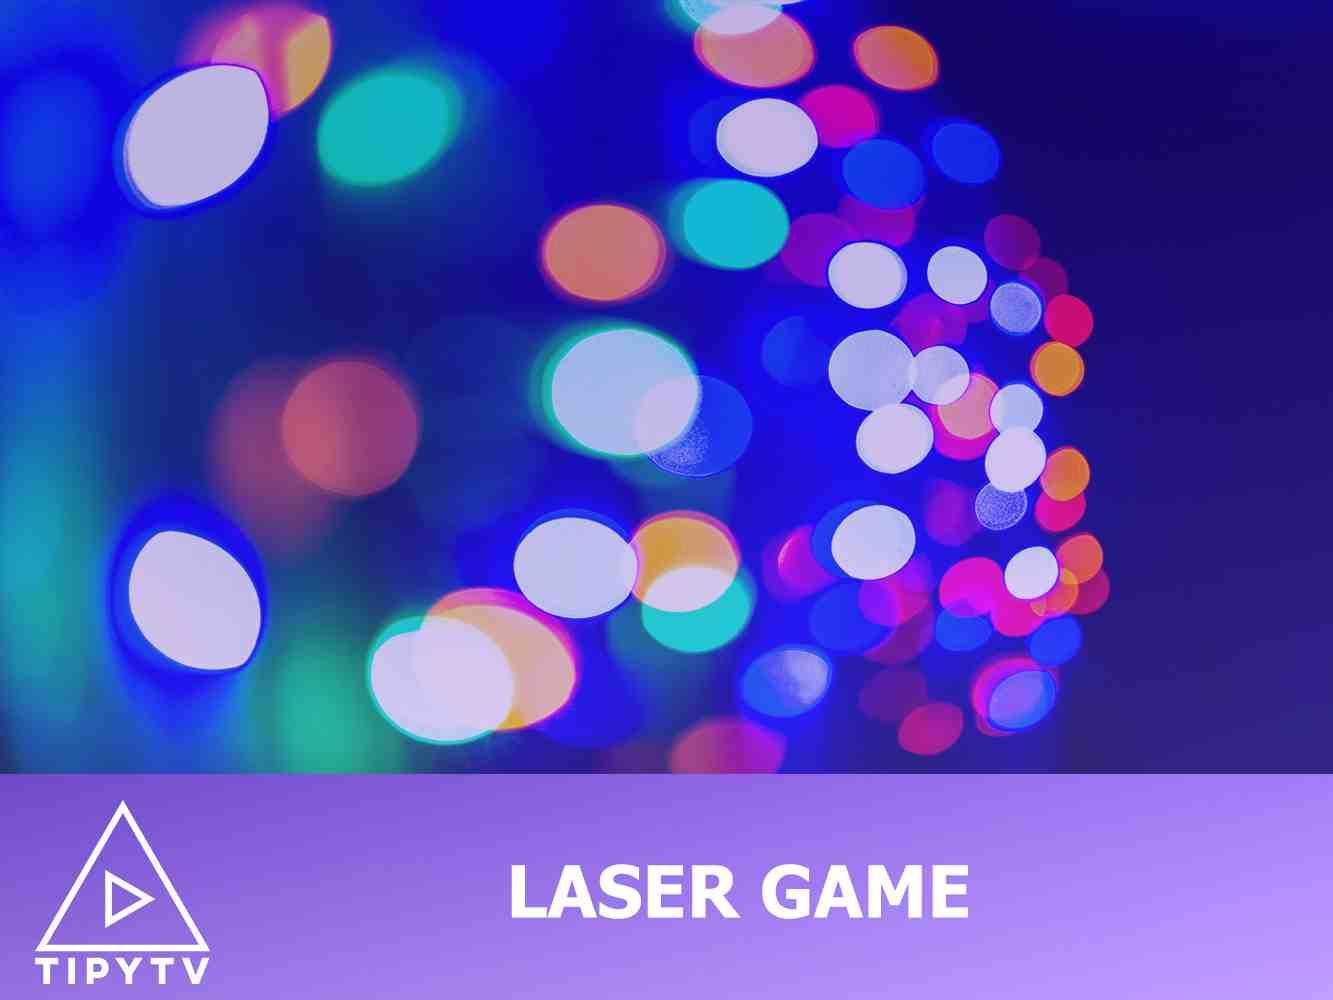 Combien coûte un jeu laser?